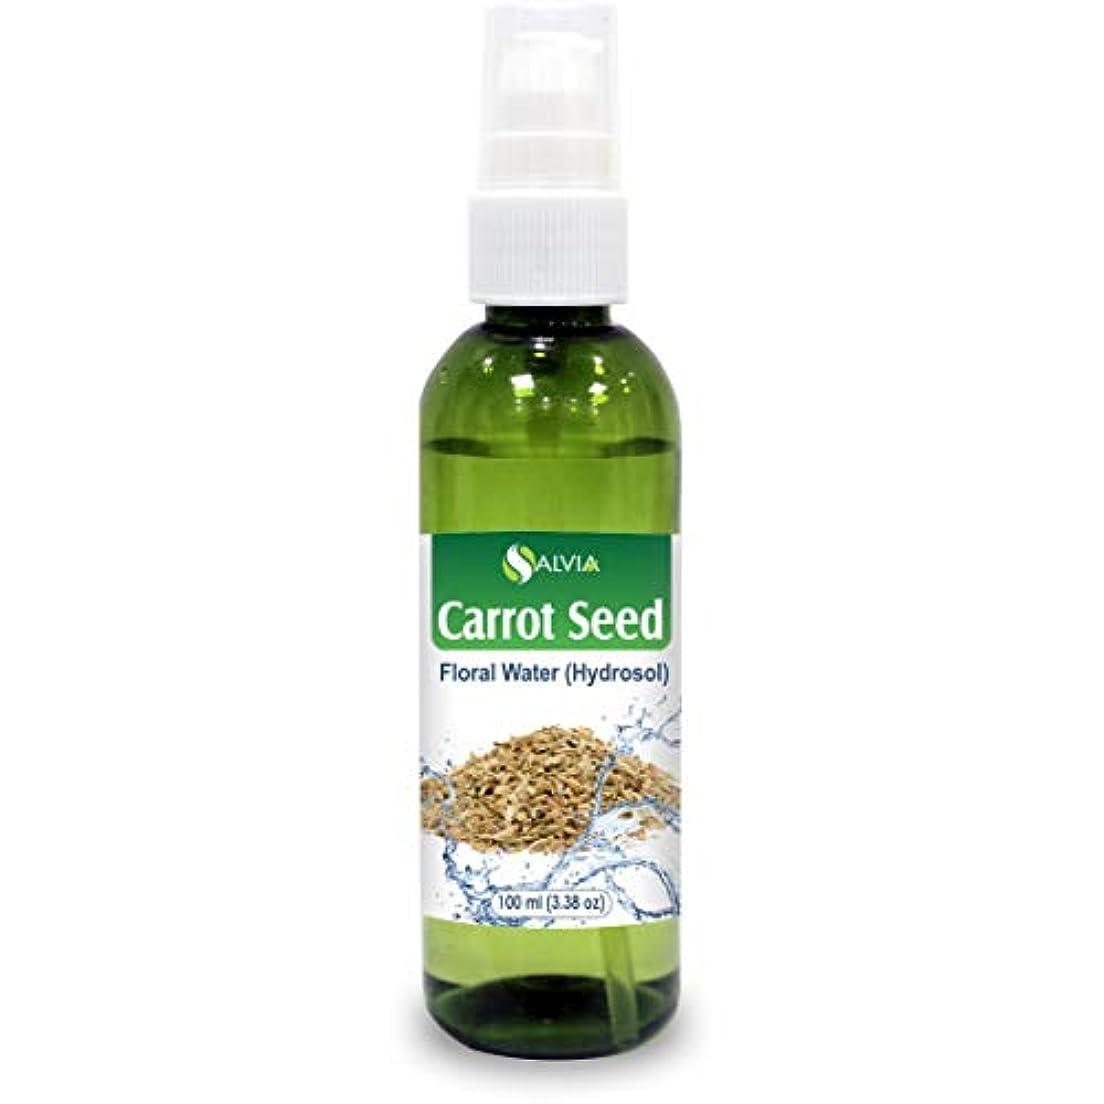 憎しみテレマコス動脈Carrot Seed Floral Water Floral Water 100ml (Hydrosol) 100% Pure And Natural